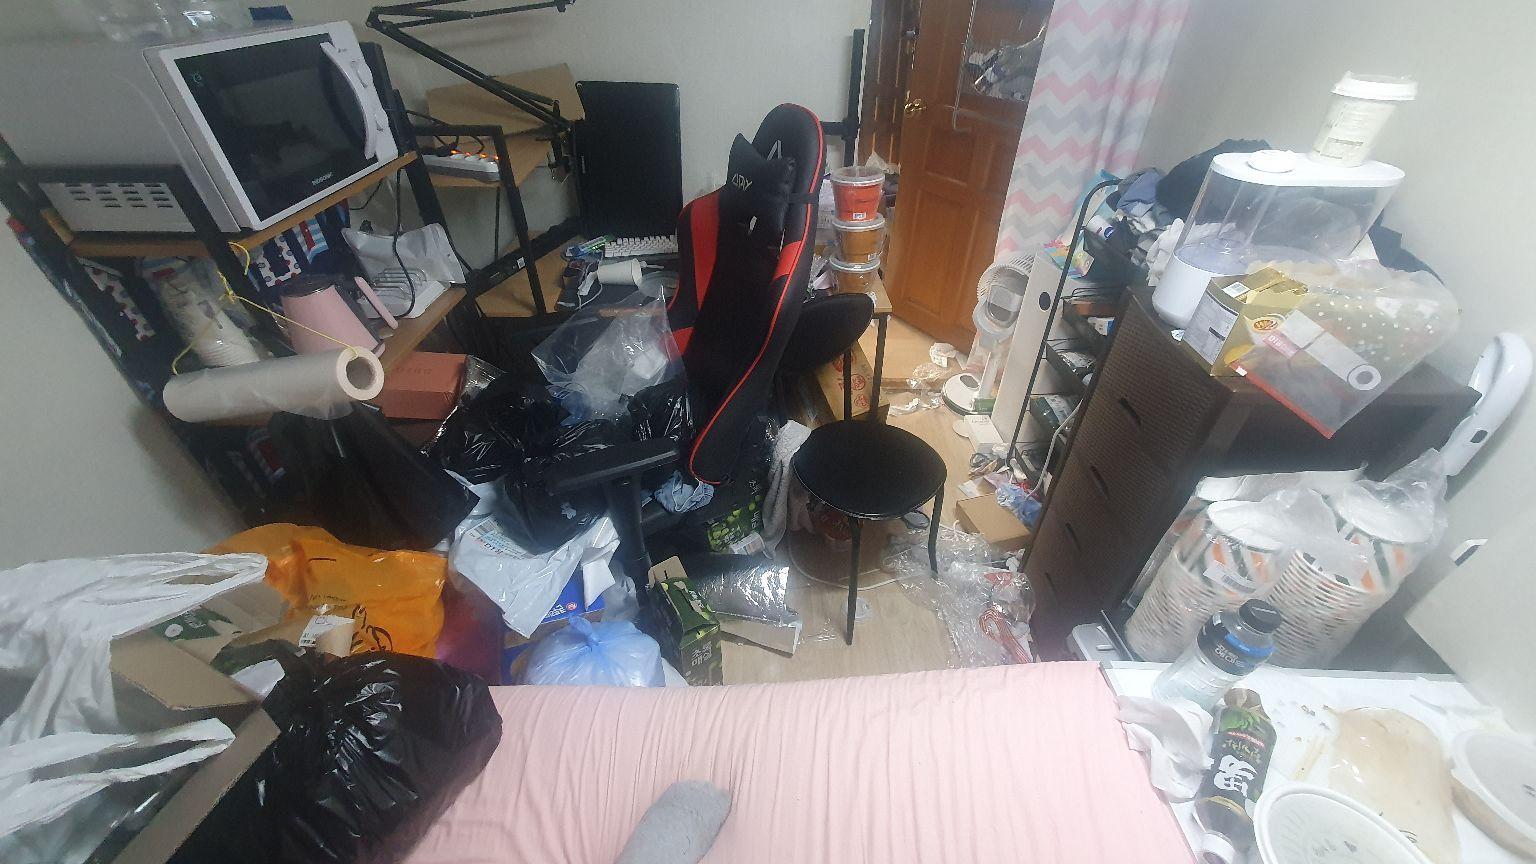 대전가정폐기물처리 전 사진, 우아한정리